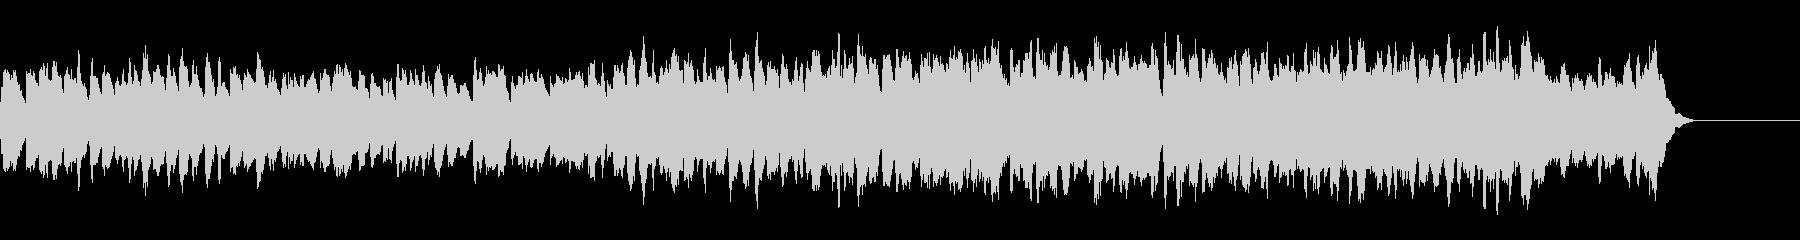 三声のバロック風ハープシコードの曲の未再生の波形